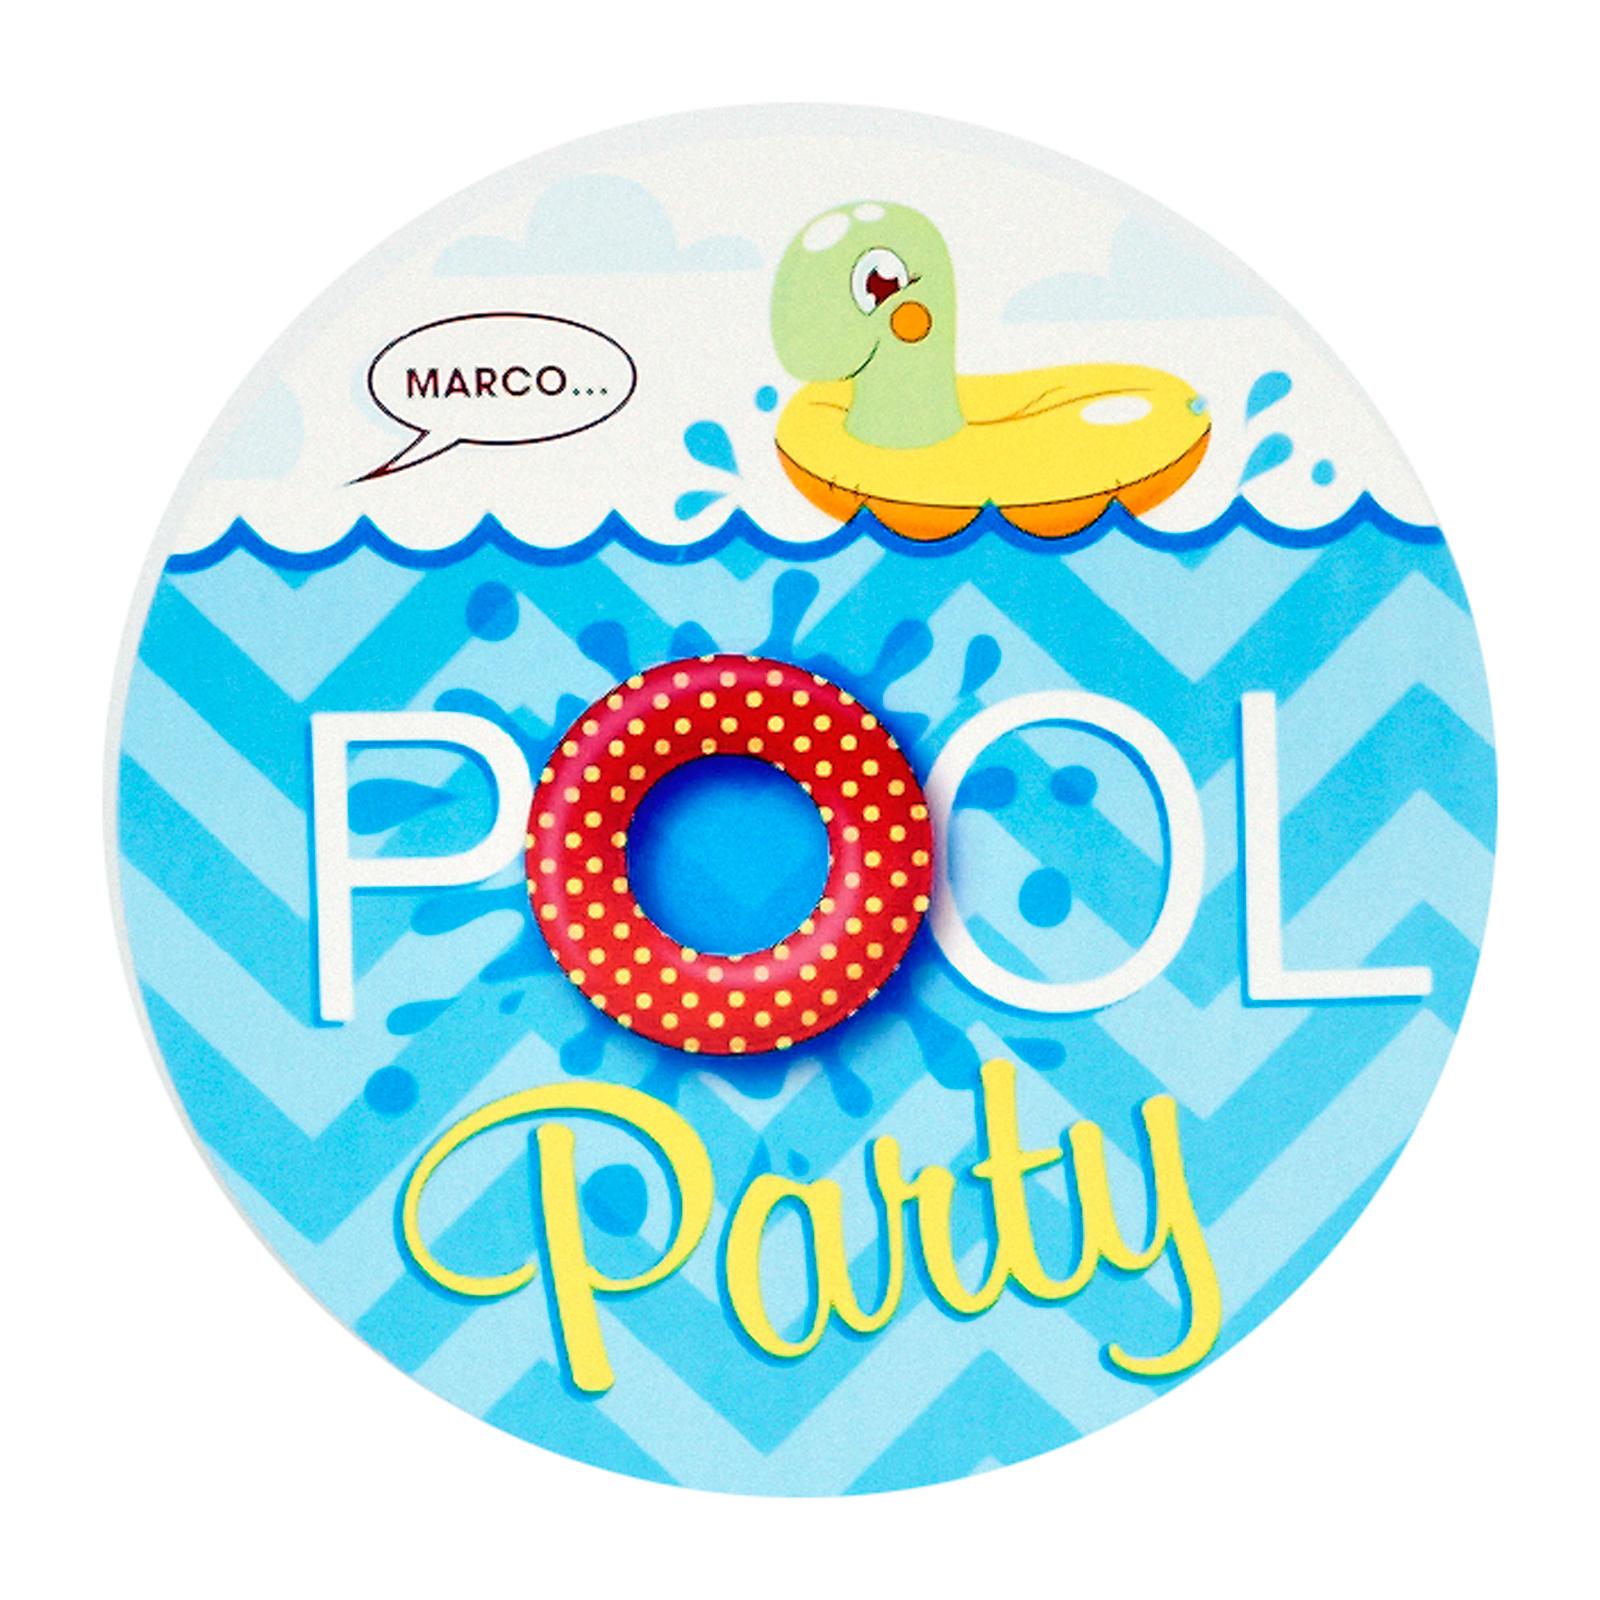 Splashin' Pool Party Invitations | BirthdayExpress.com